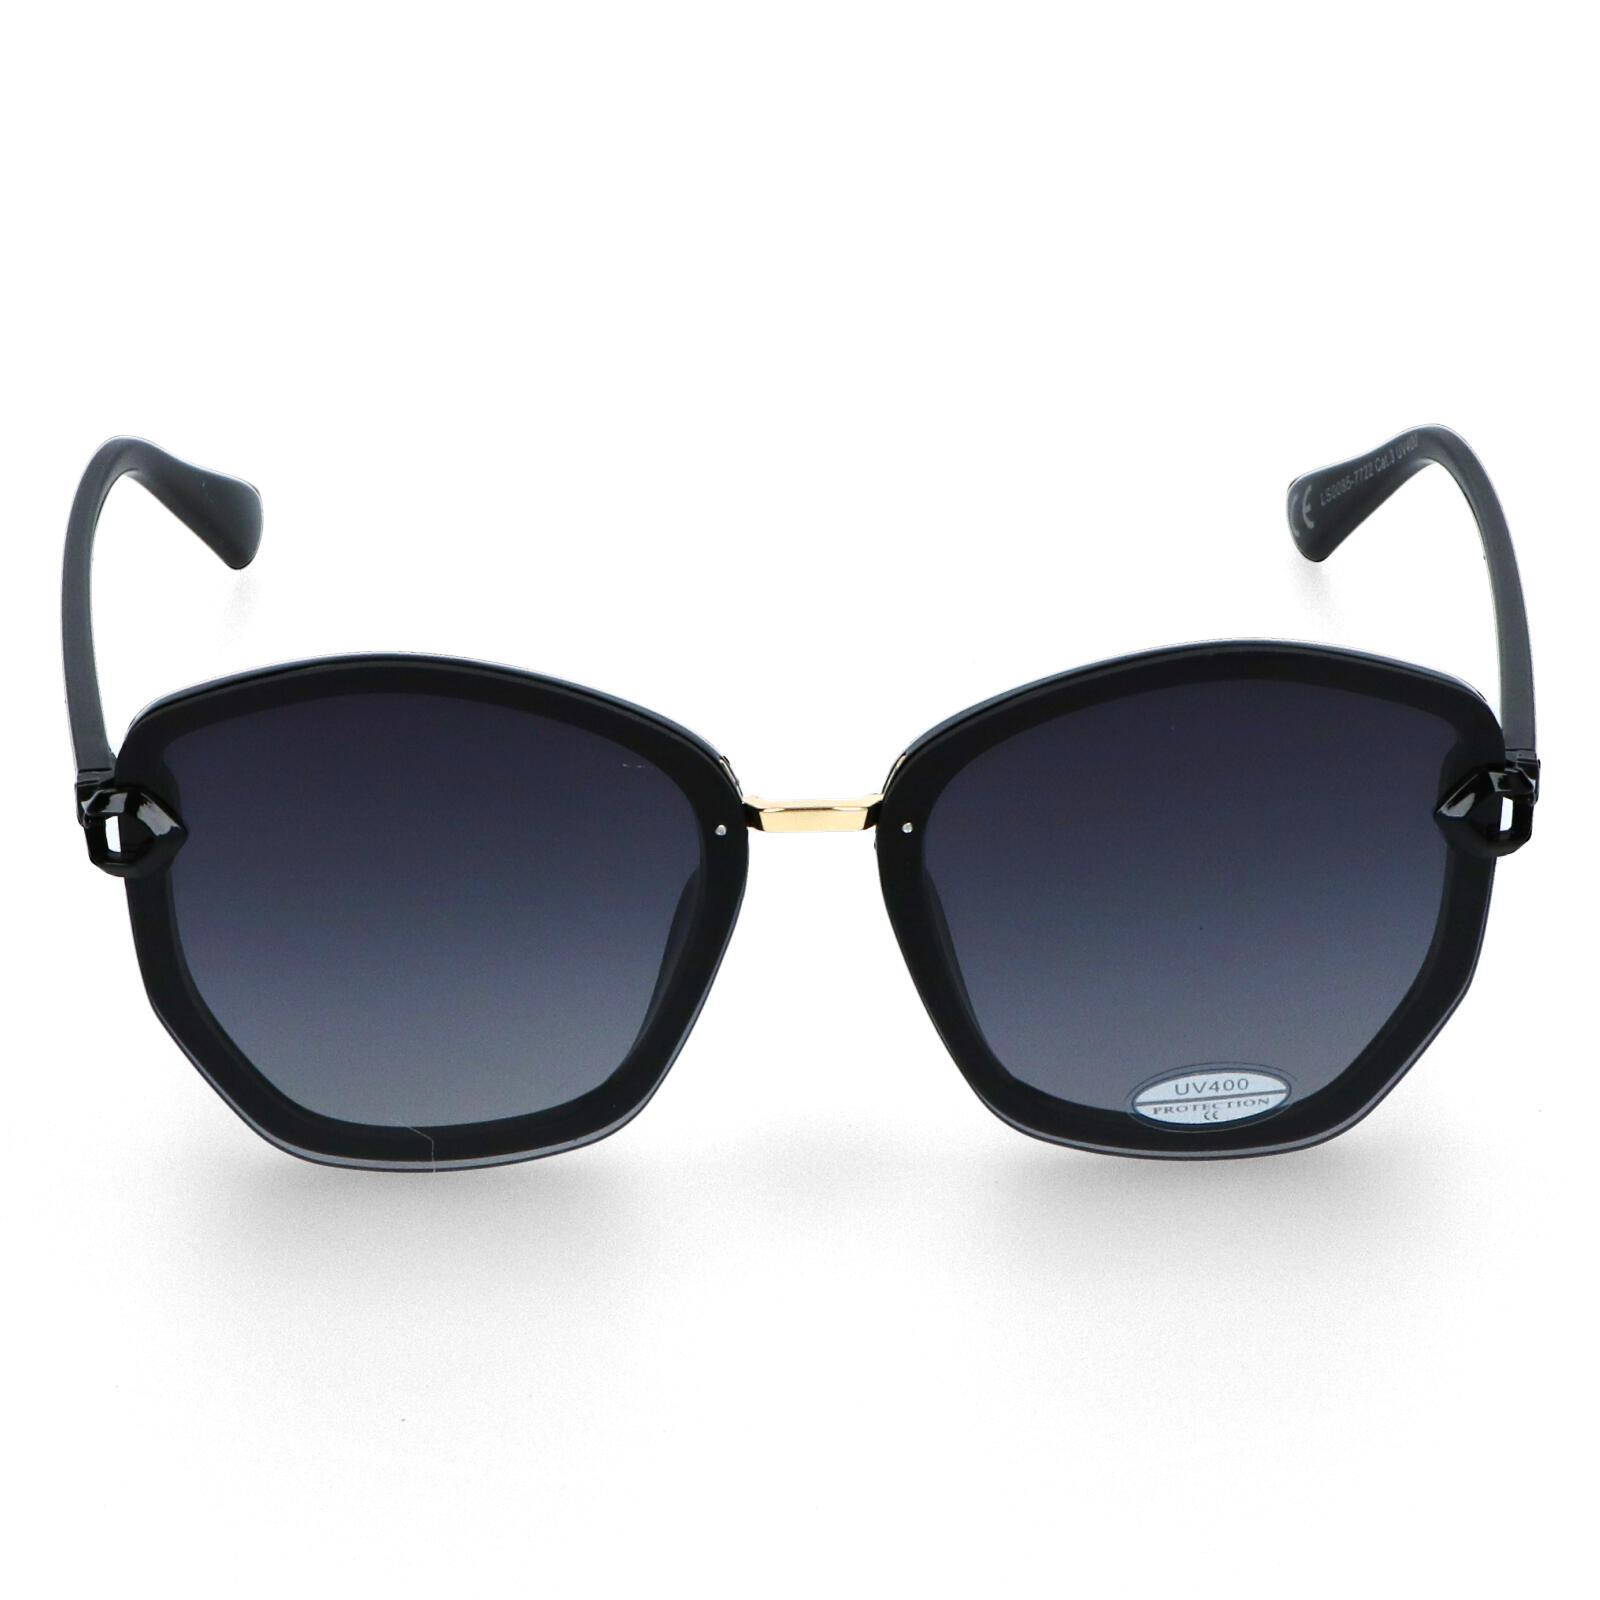 Dámské sluneční brýle černé - LS58